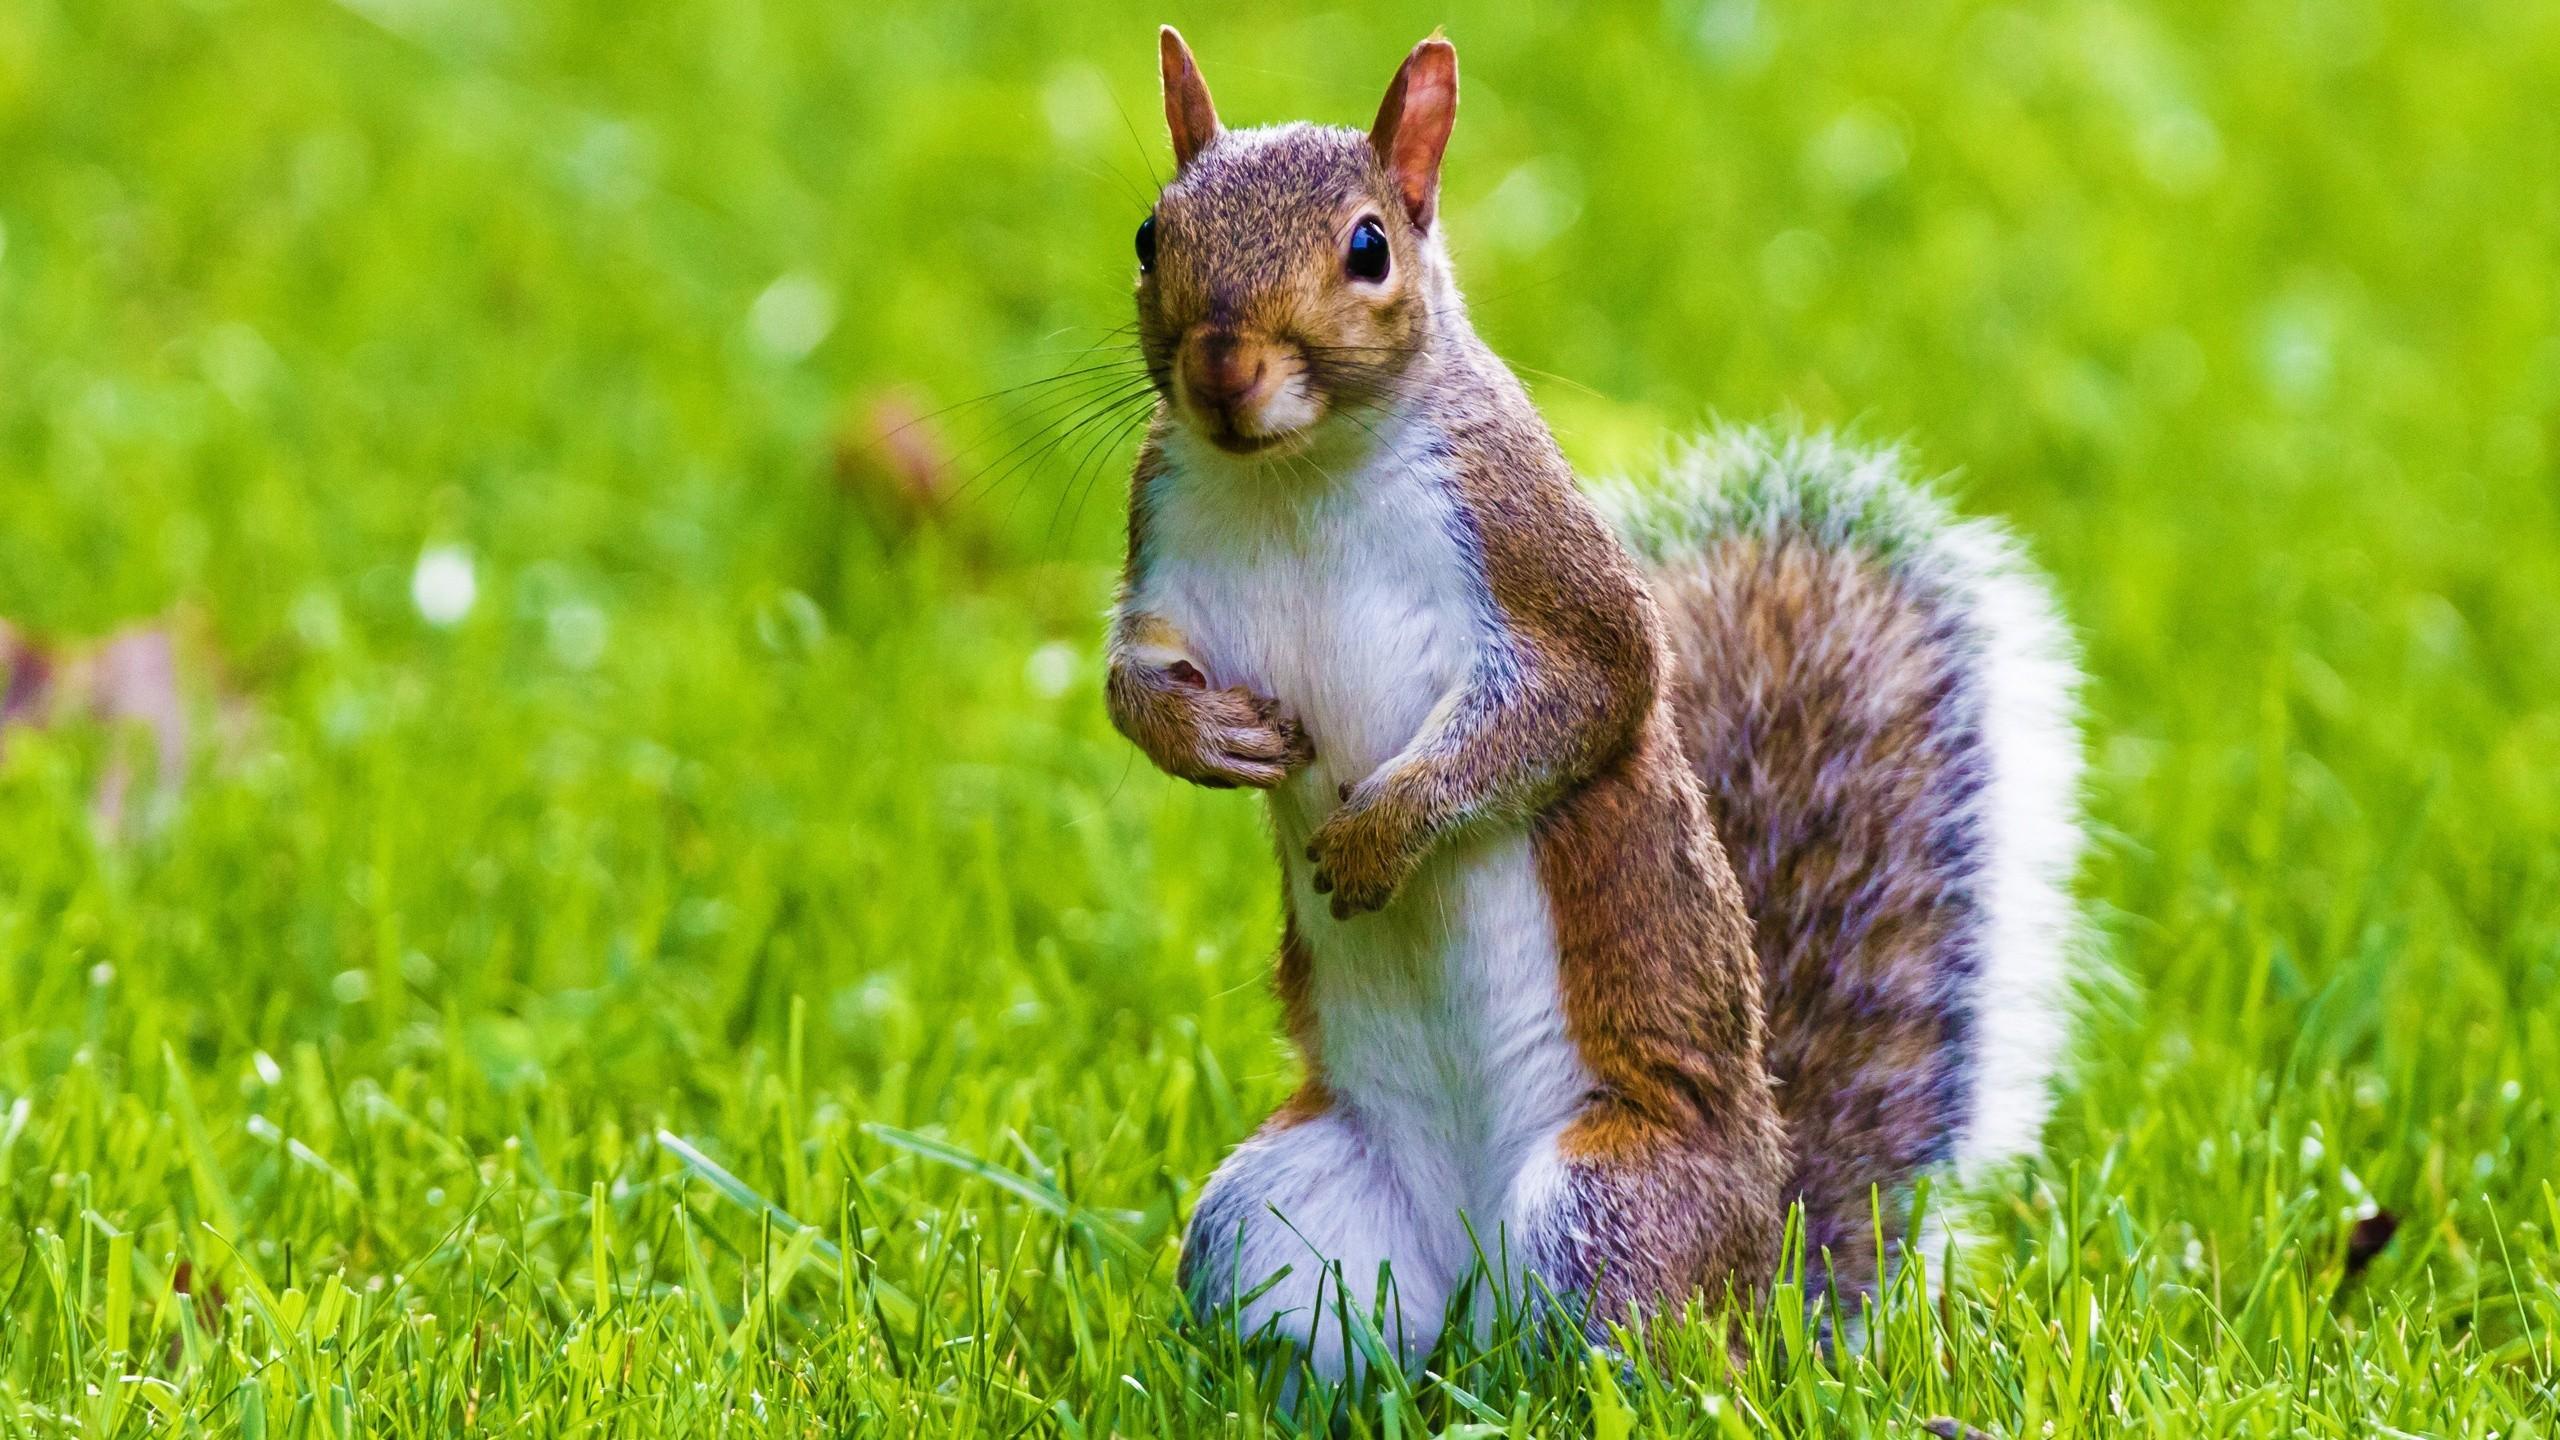 Squirrel Full HD